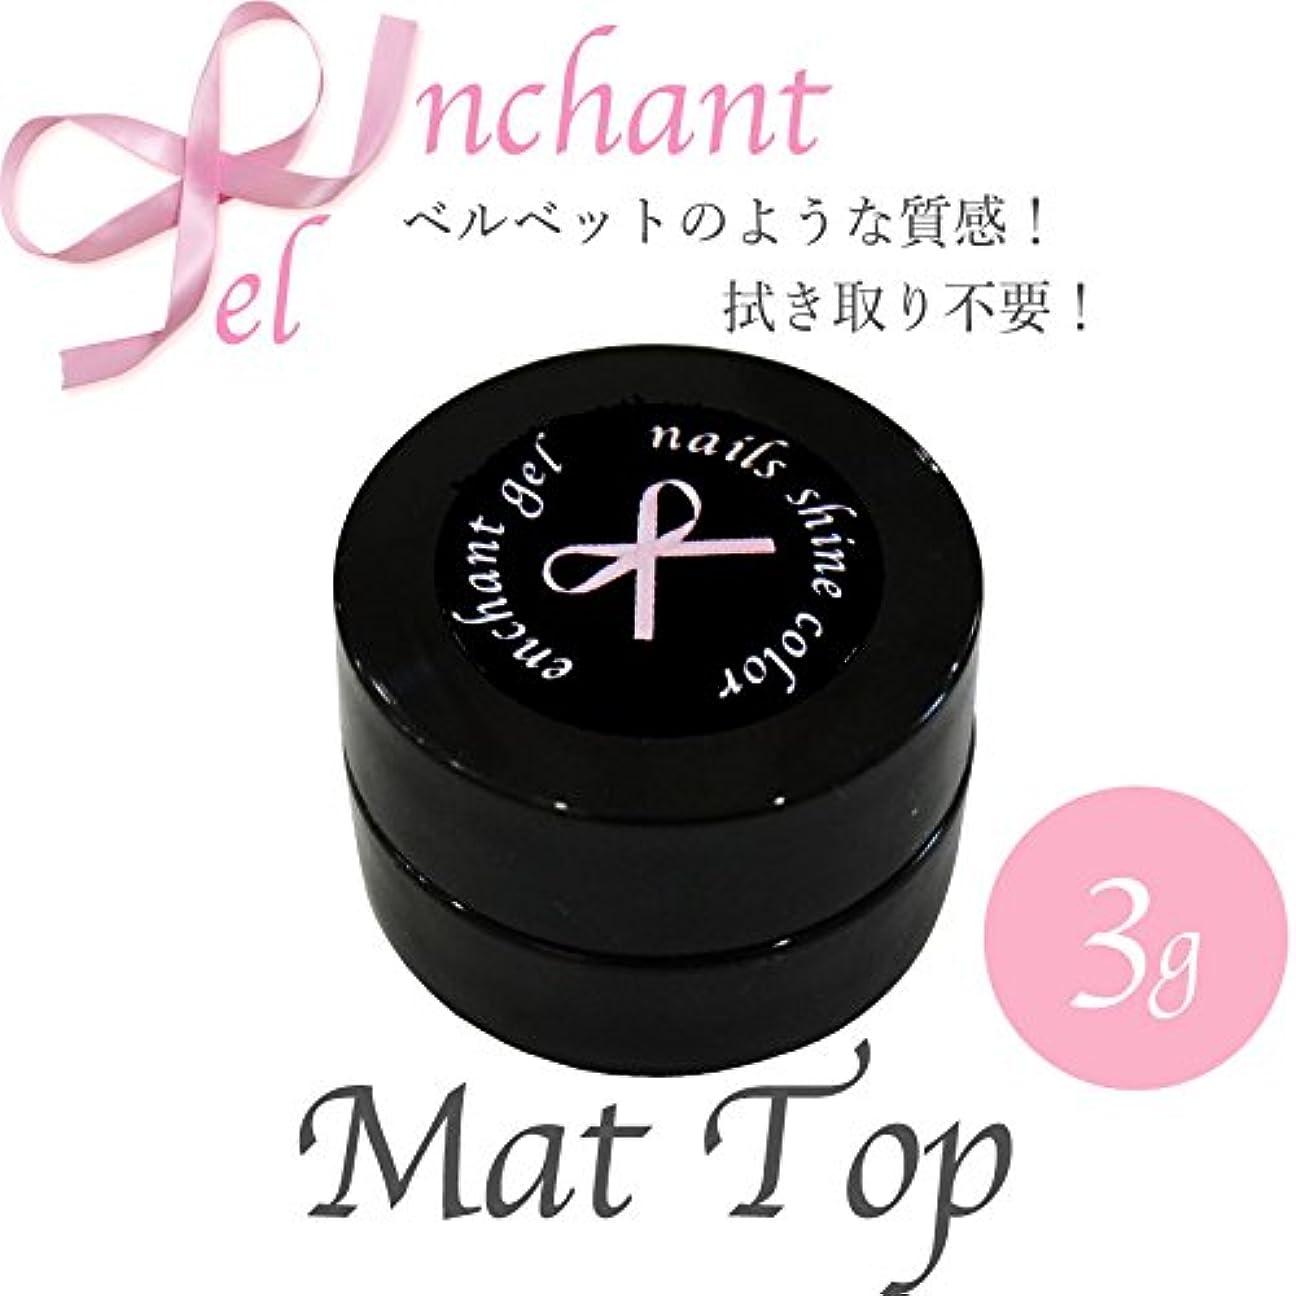 破壊的なプレゼンテーション孤児enchant gel mat top coat gel 3g/エンチャントジェル マットトップコートジェル 3グラム